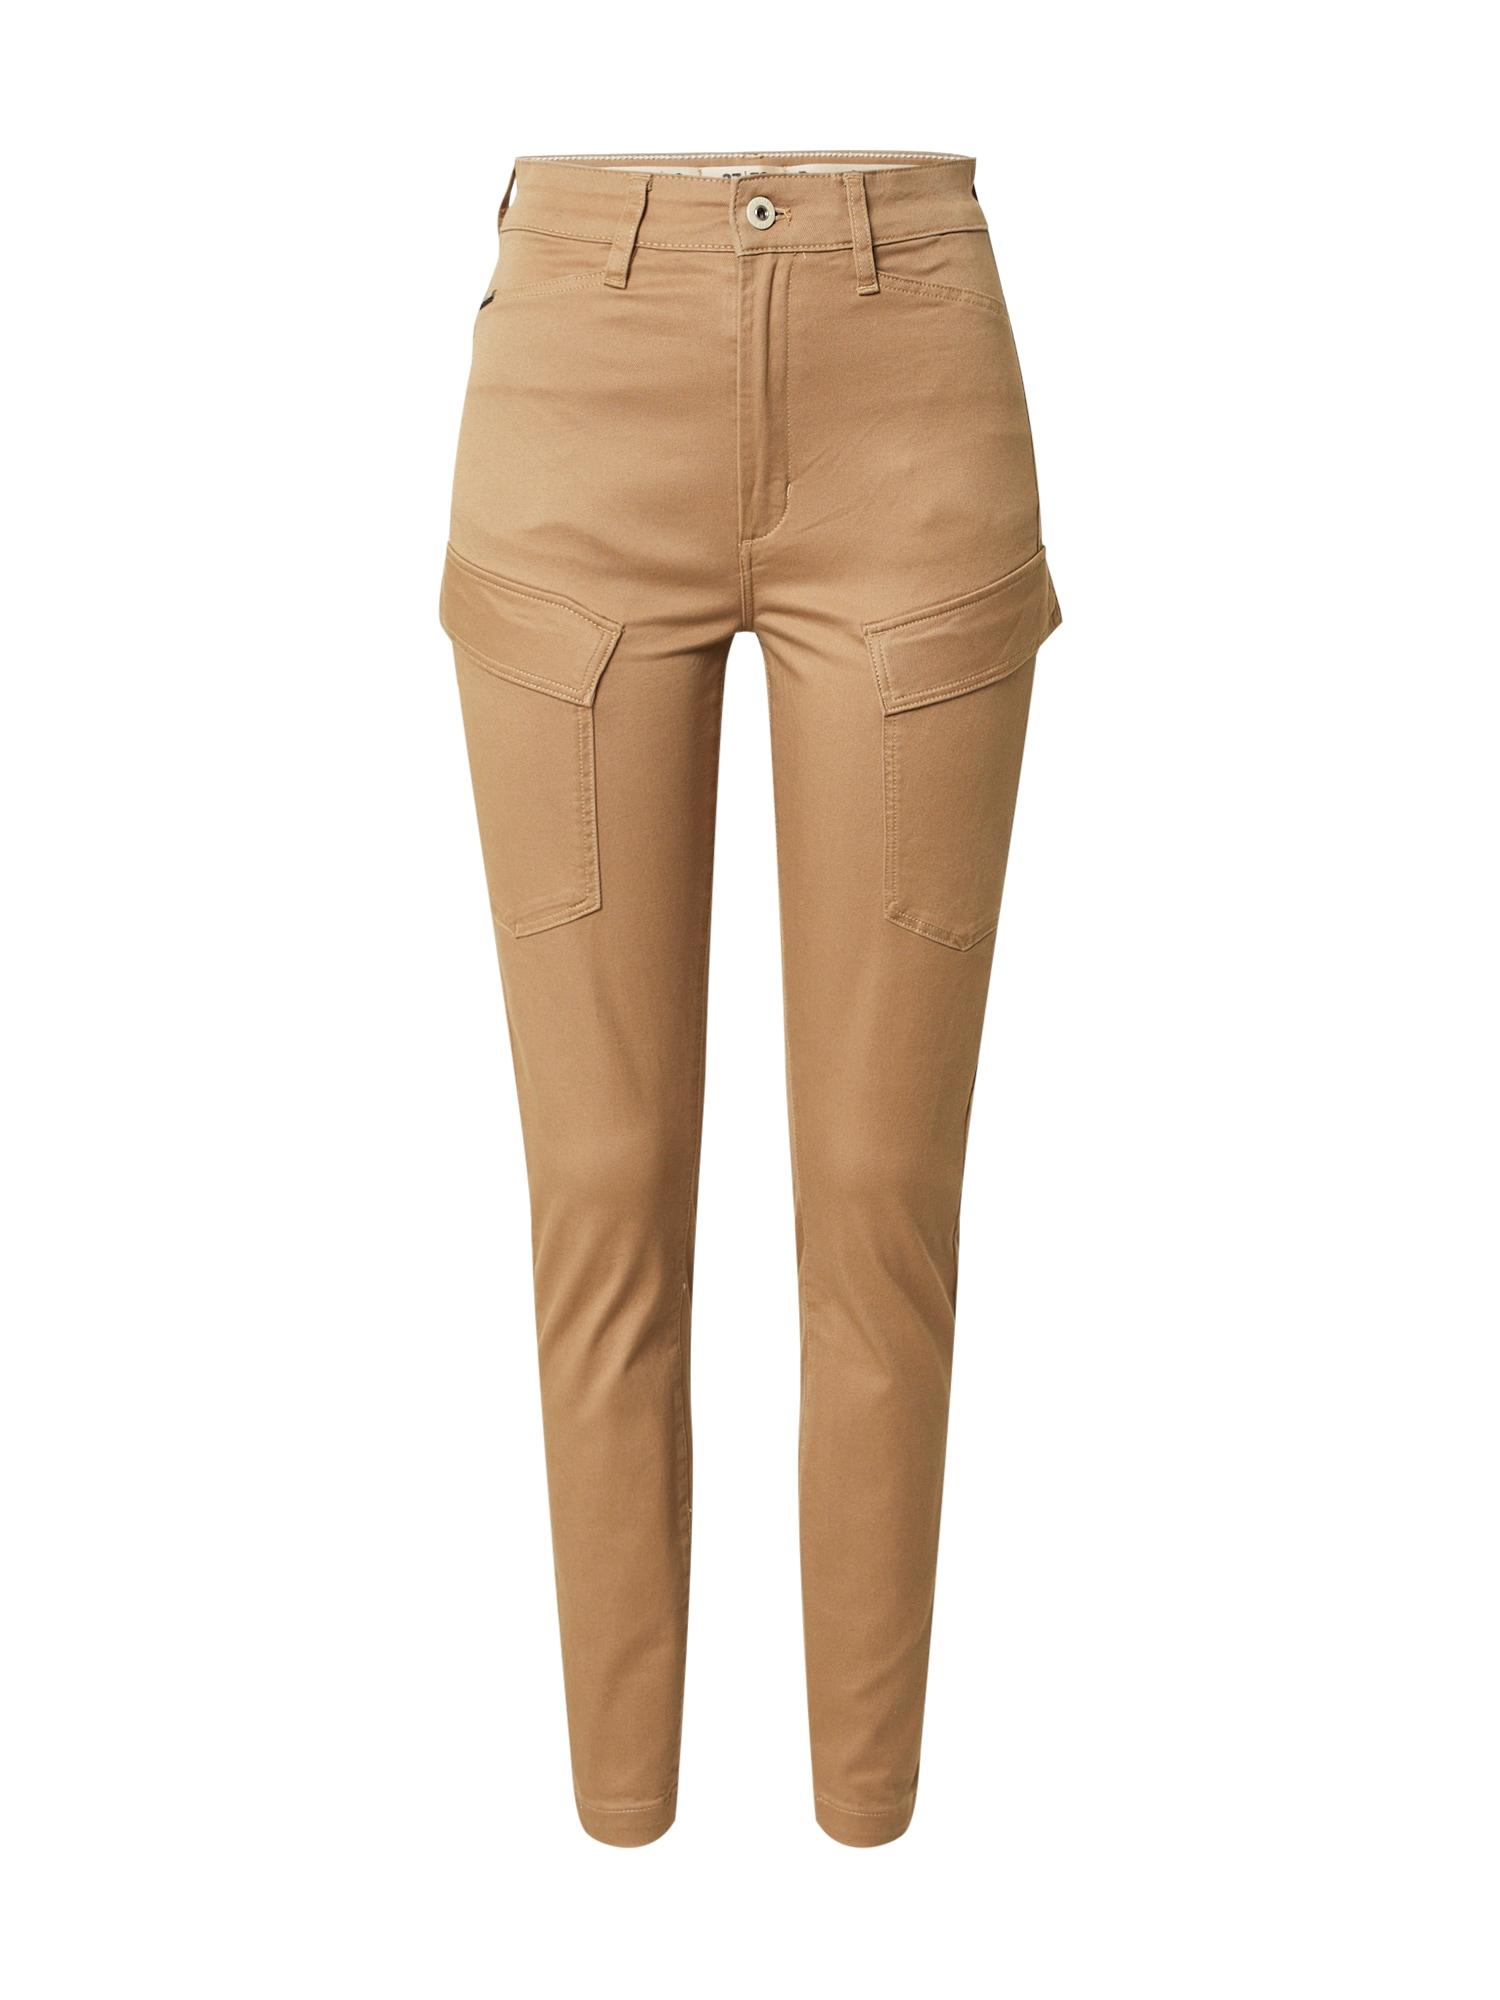 G-Star RAW Darbinio stiliaus džinsai smėlio spalva